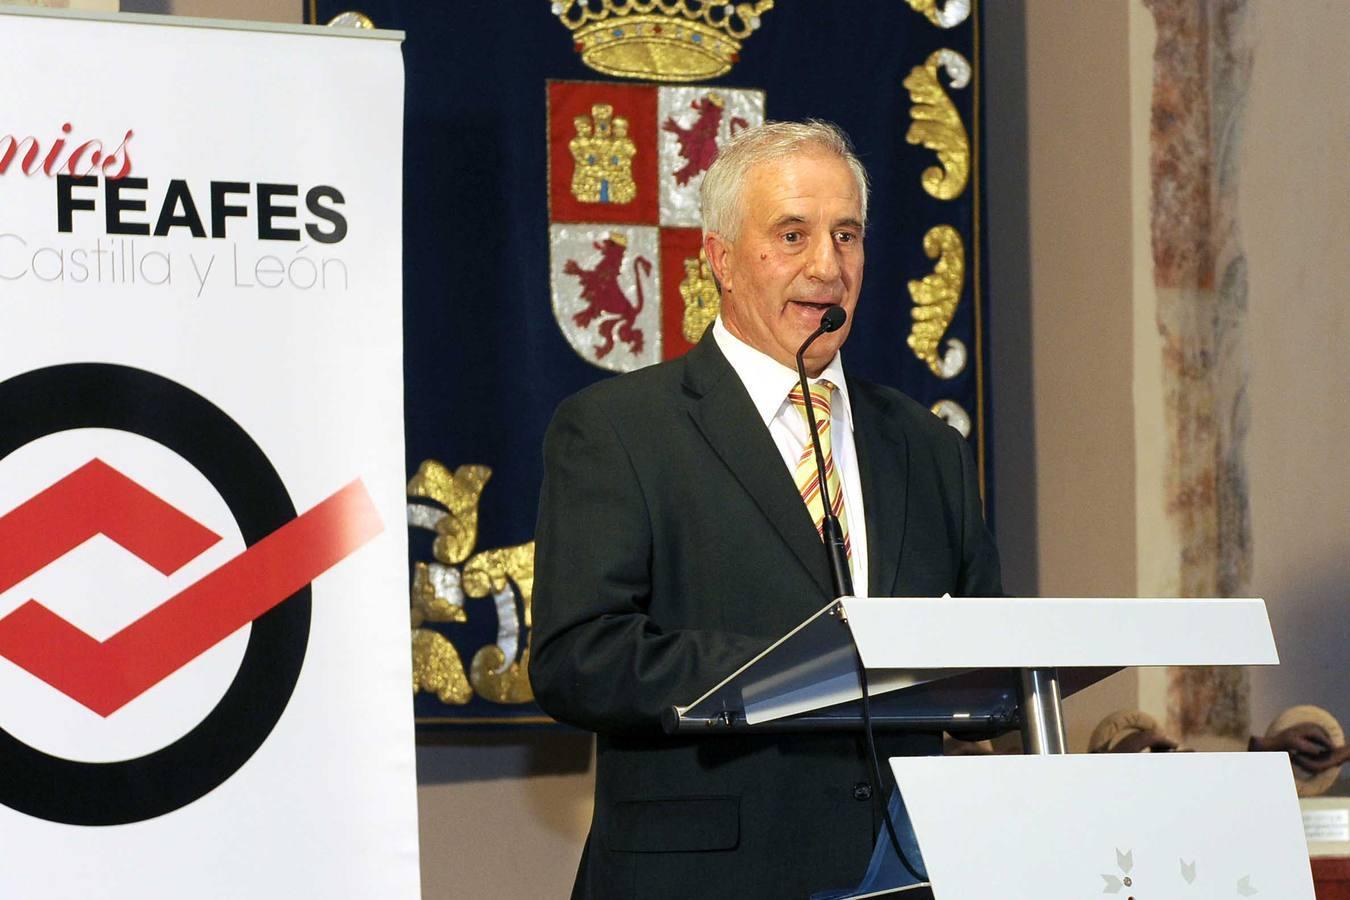 Feafes premia la labor del Canal Solidarios de El Norte de Castilla